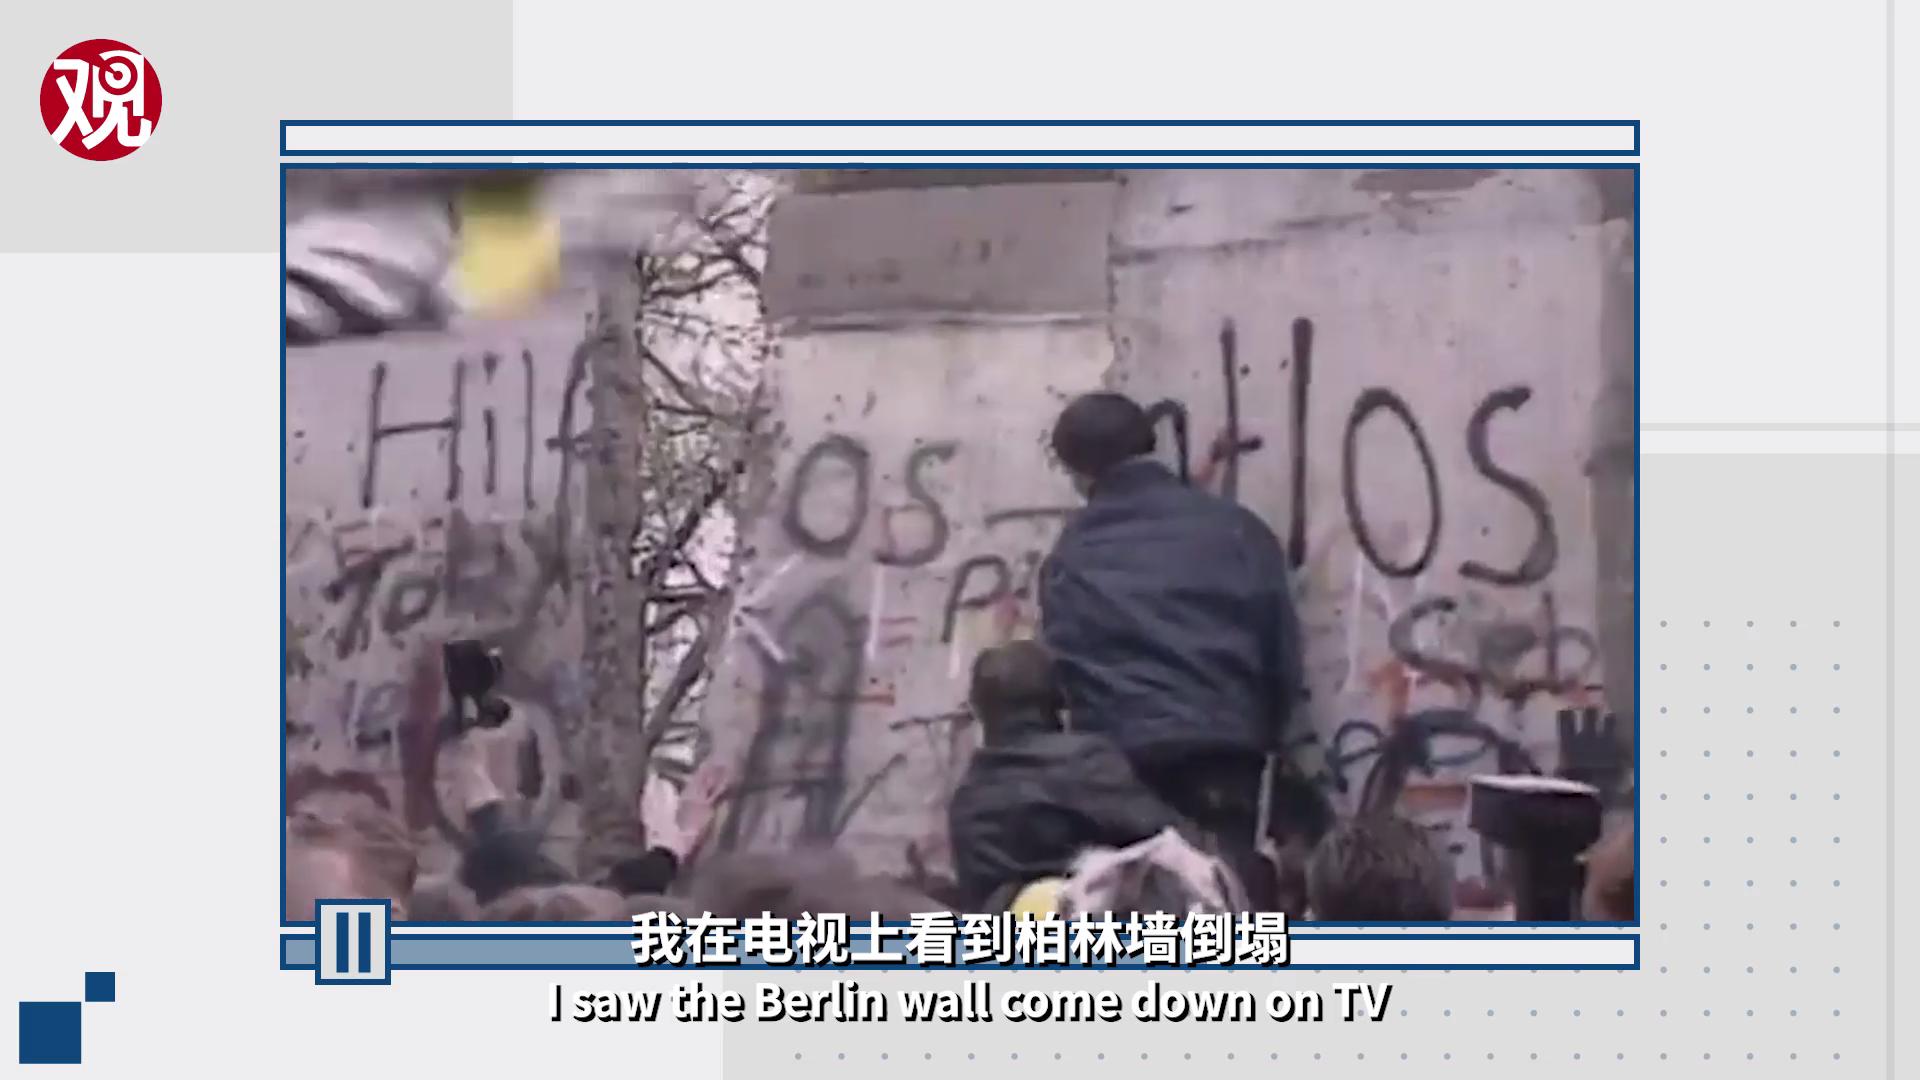 """冈特·舒赫:柏林墙倒塌30年,德国依旧是""""两个国家"""""""